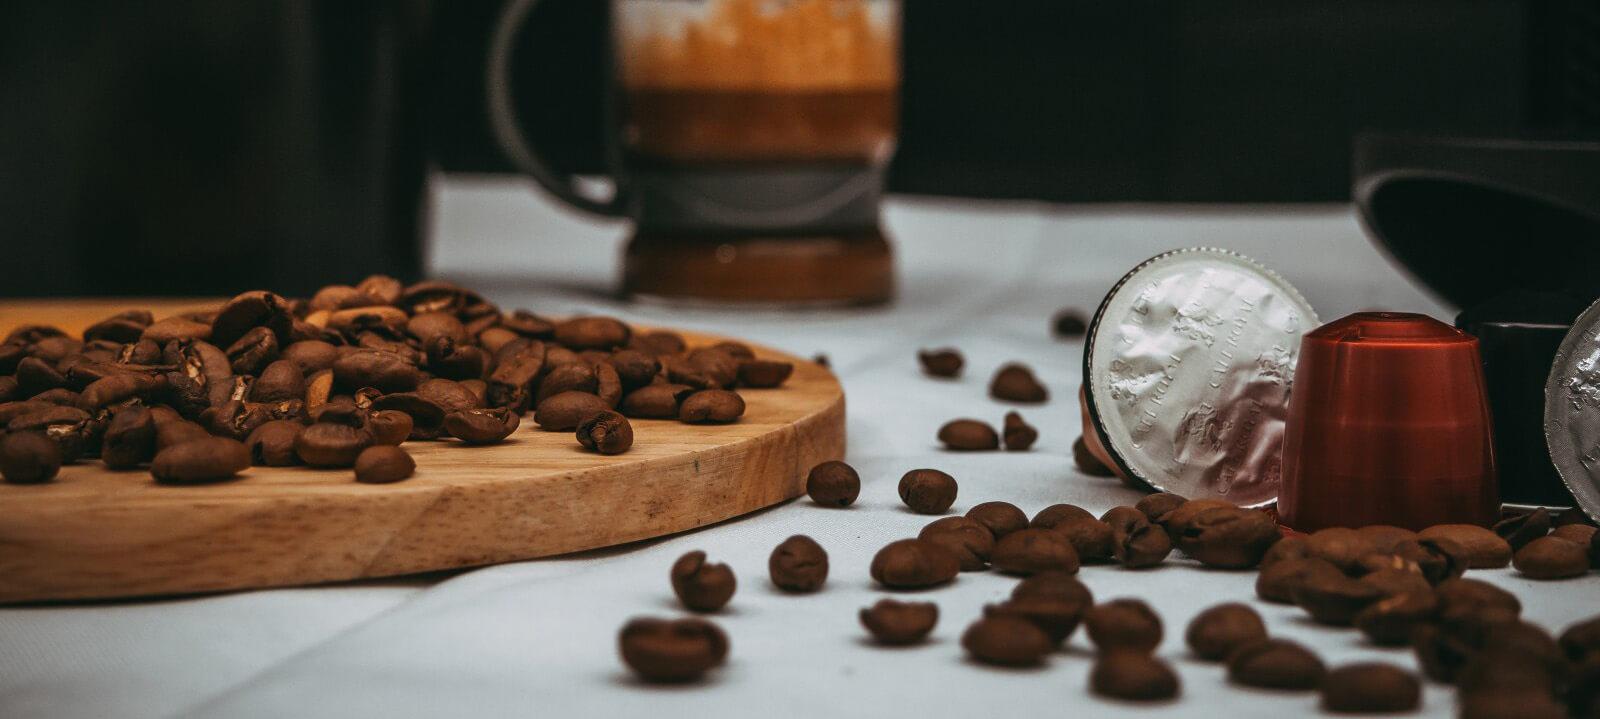 De ce se folosesc capsulele de cafea?